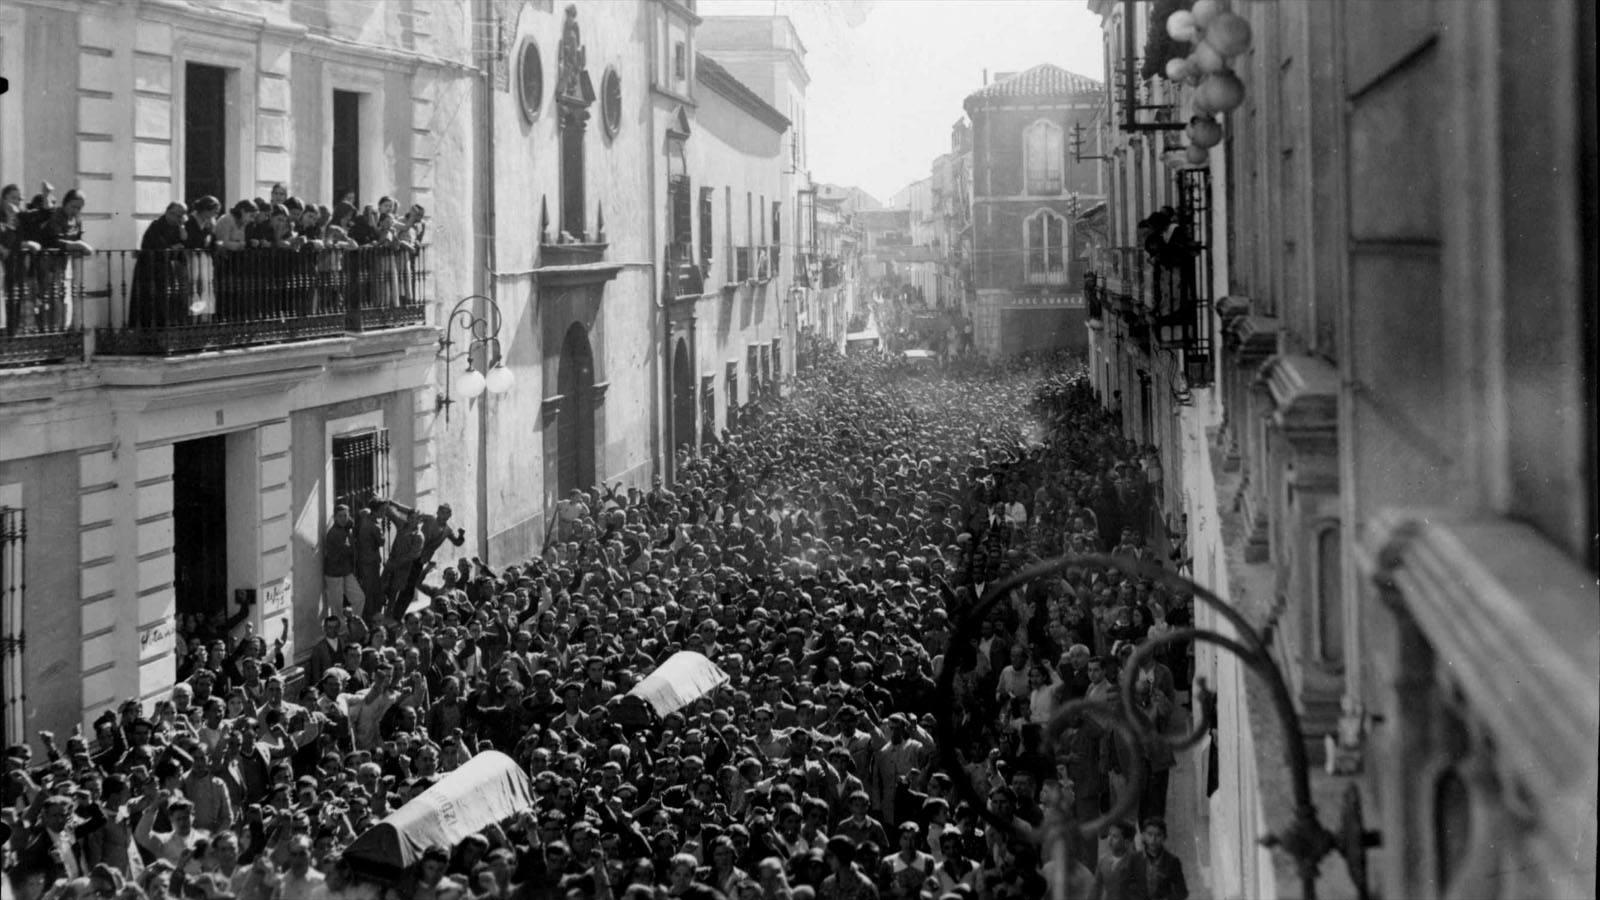 guerra civil andalucia: